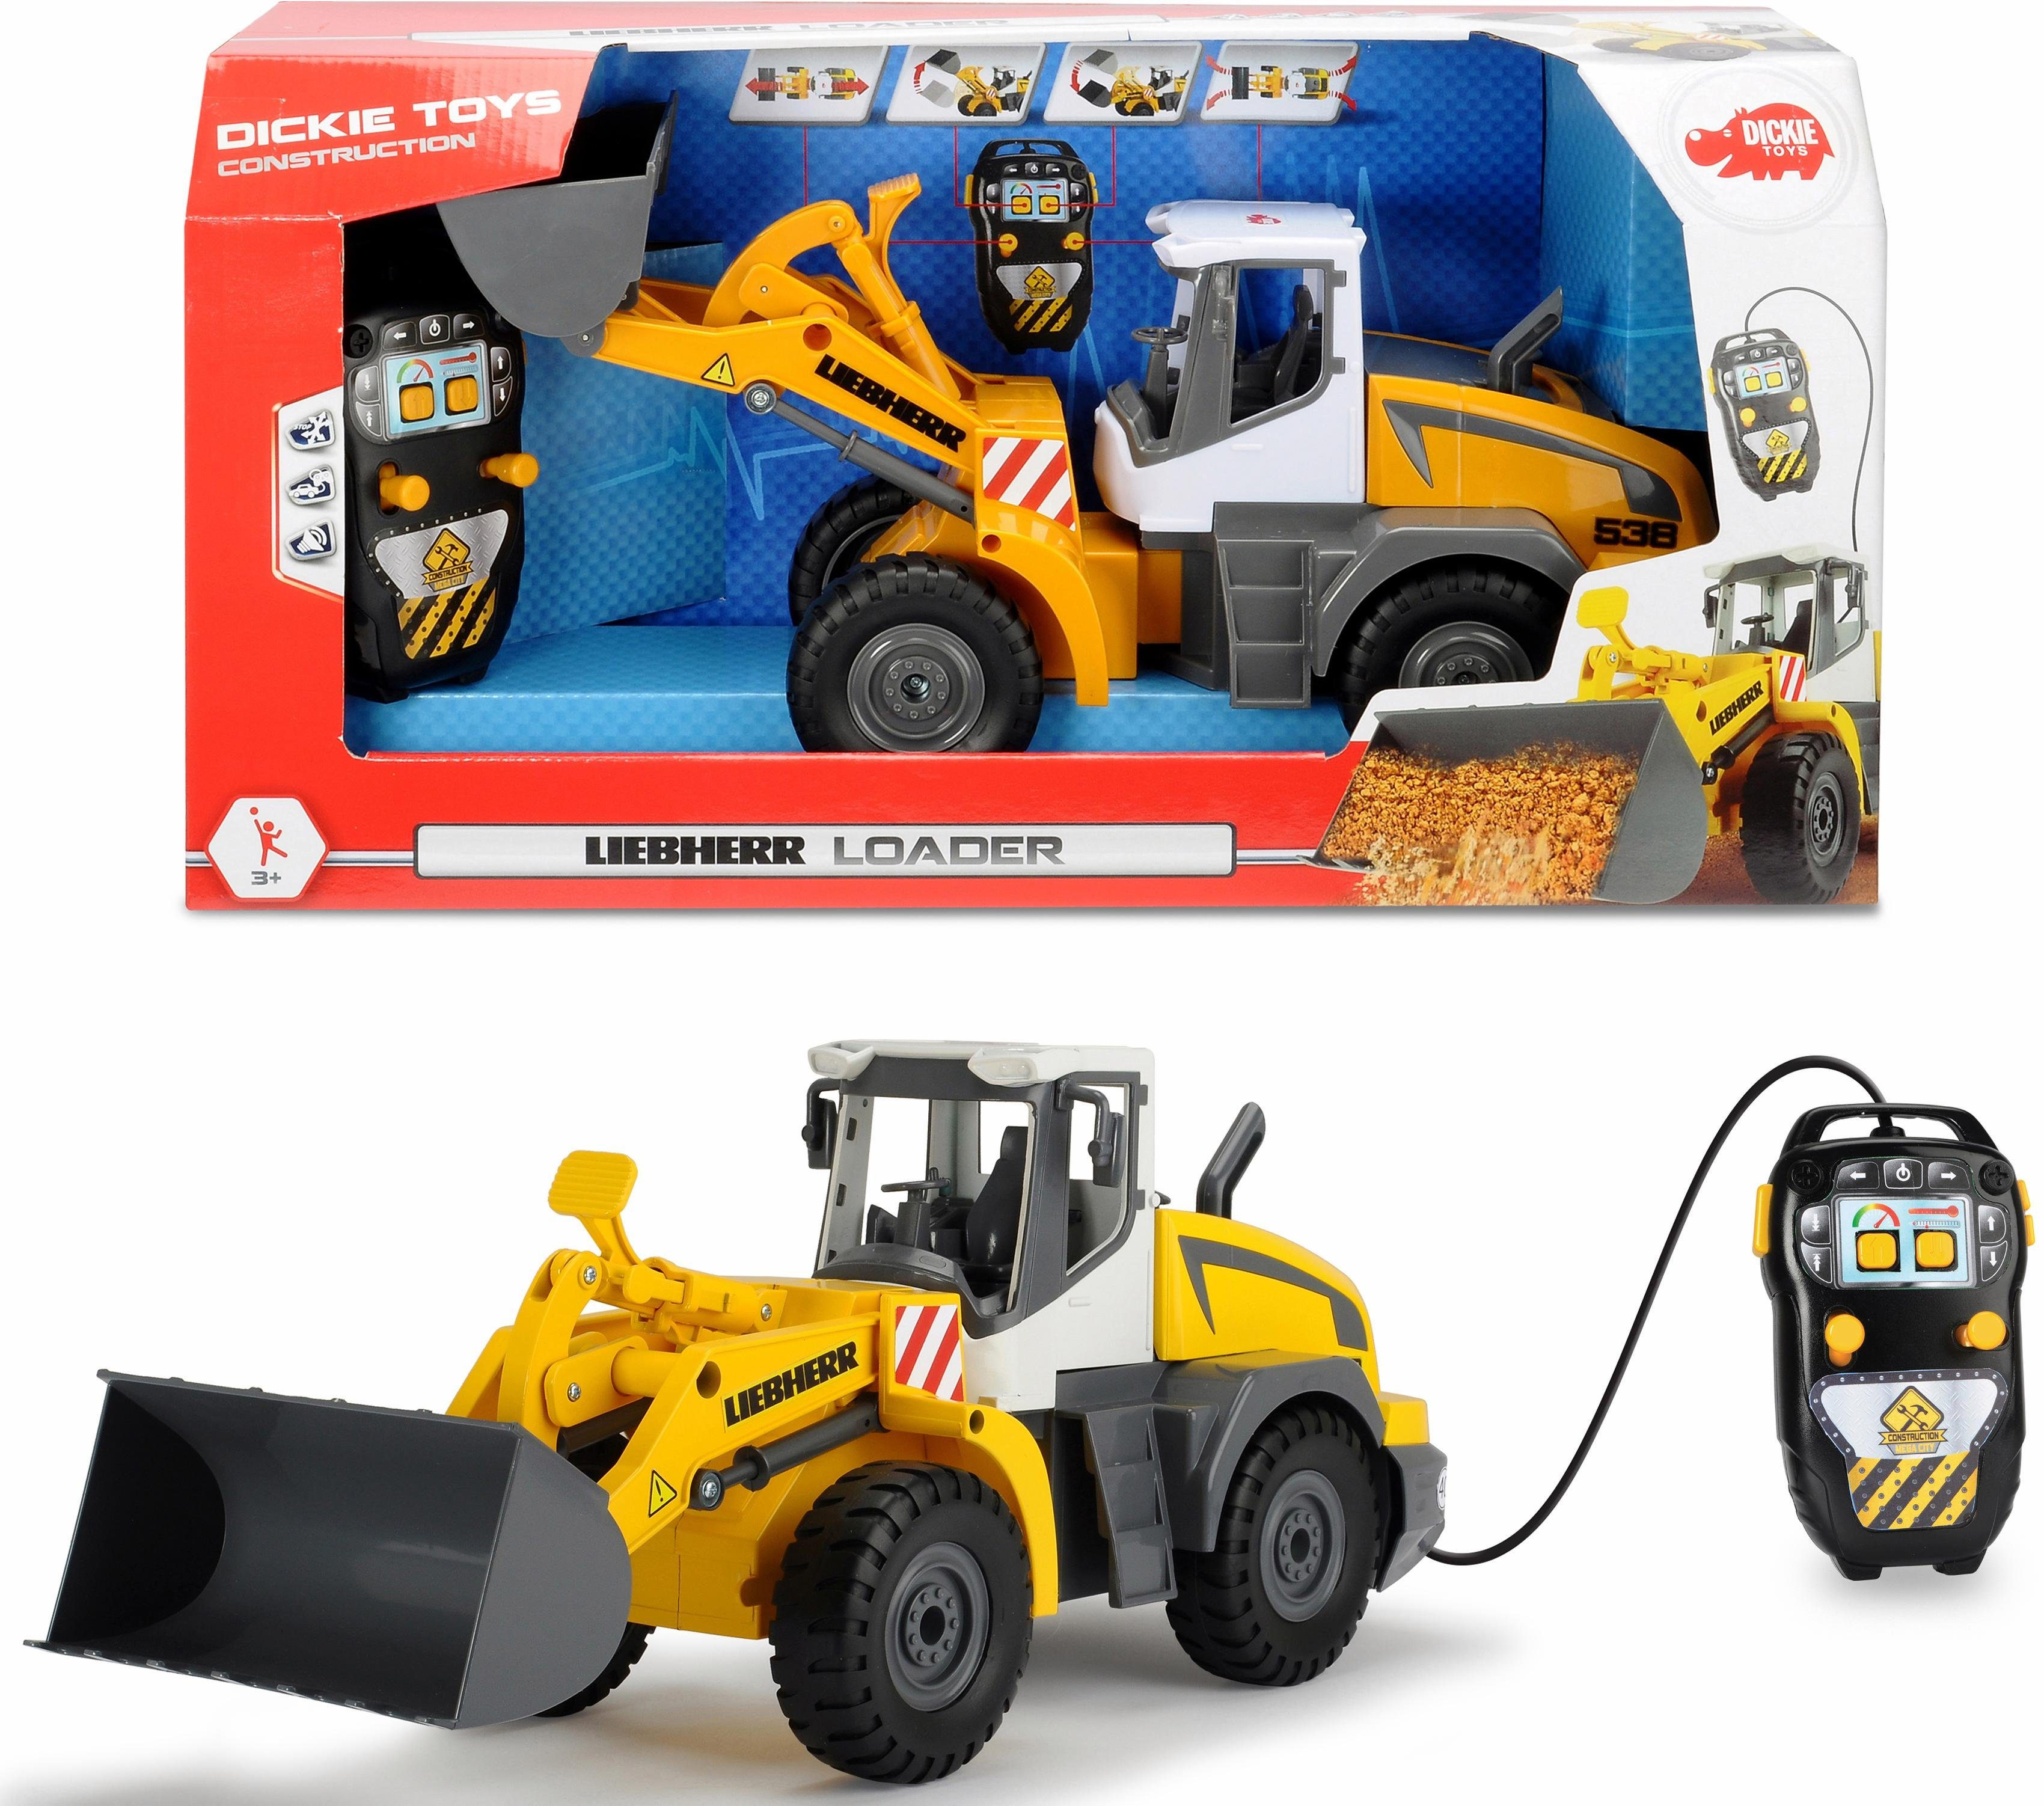 Dickie Toys Spielzeug Radlader motorisiert, »Liebherr Loader«